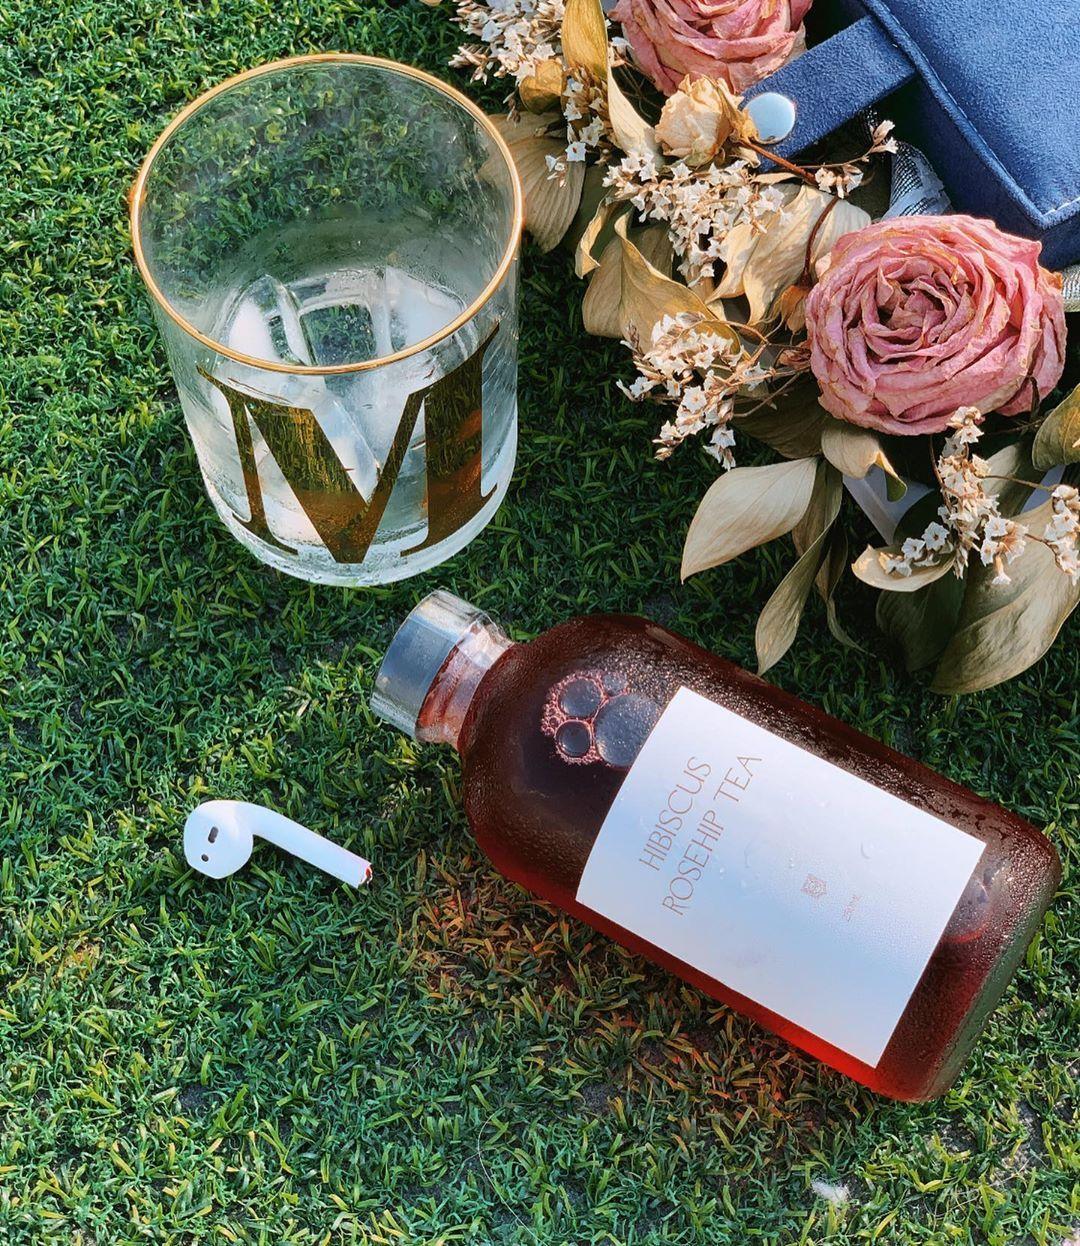 فاقد احساسك وحشني اهتمامك Wine Bottle Rose Wine Bottle Alcoholic Drinks